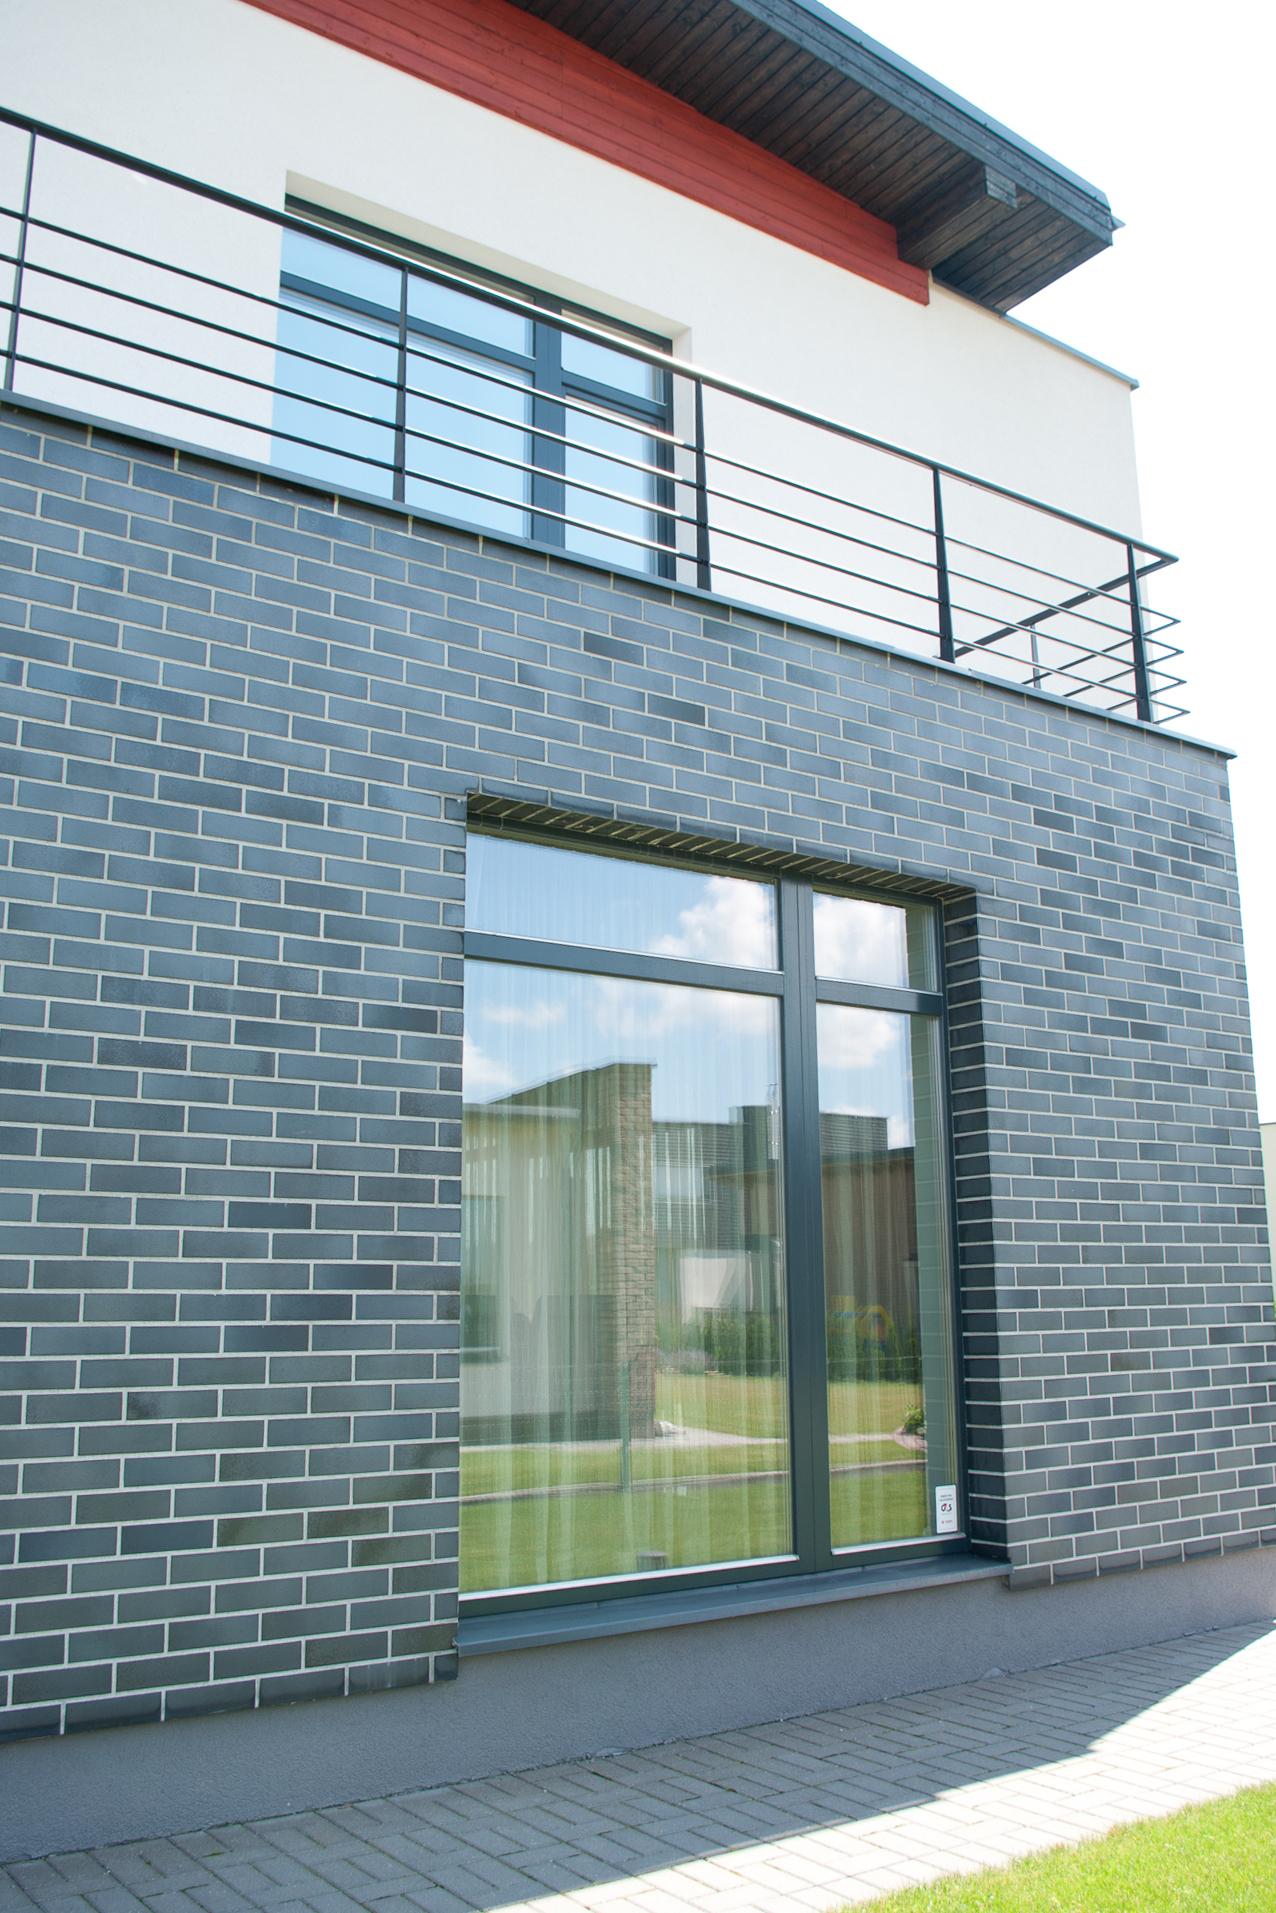 Stora fönster hantverkare